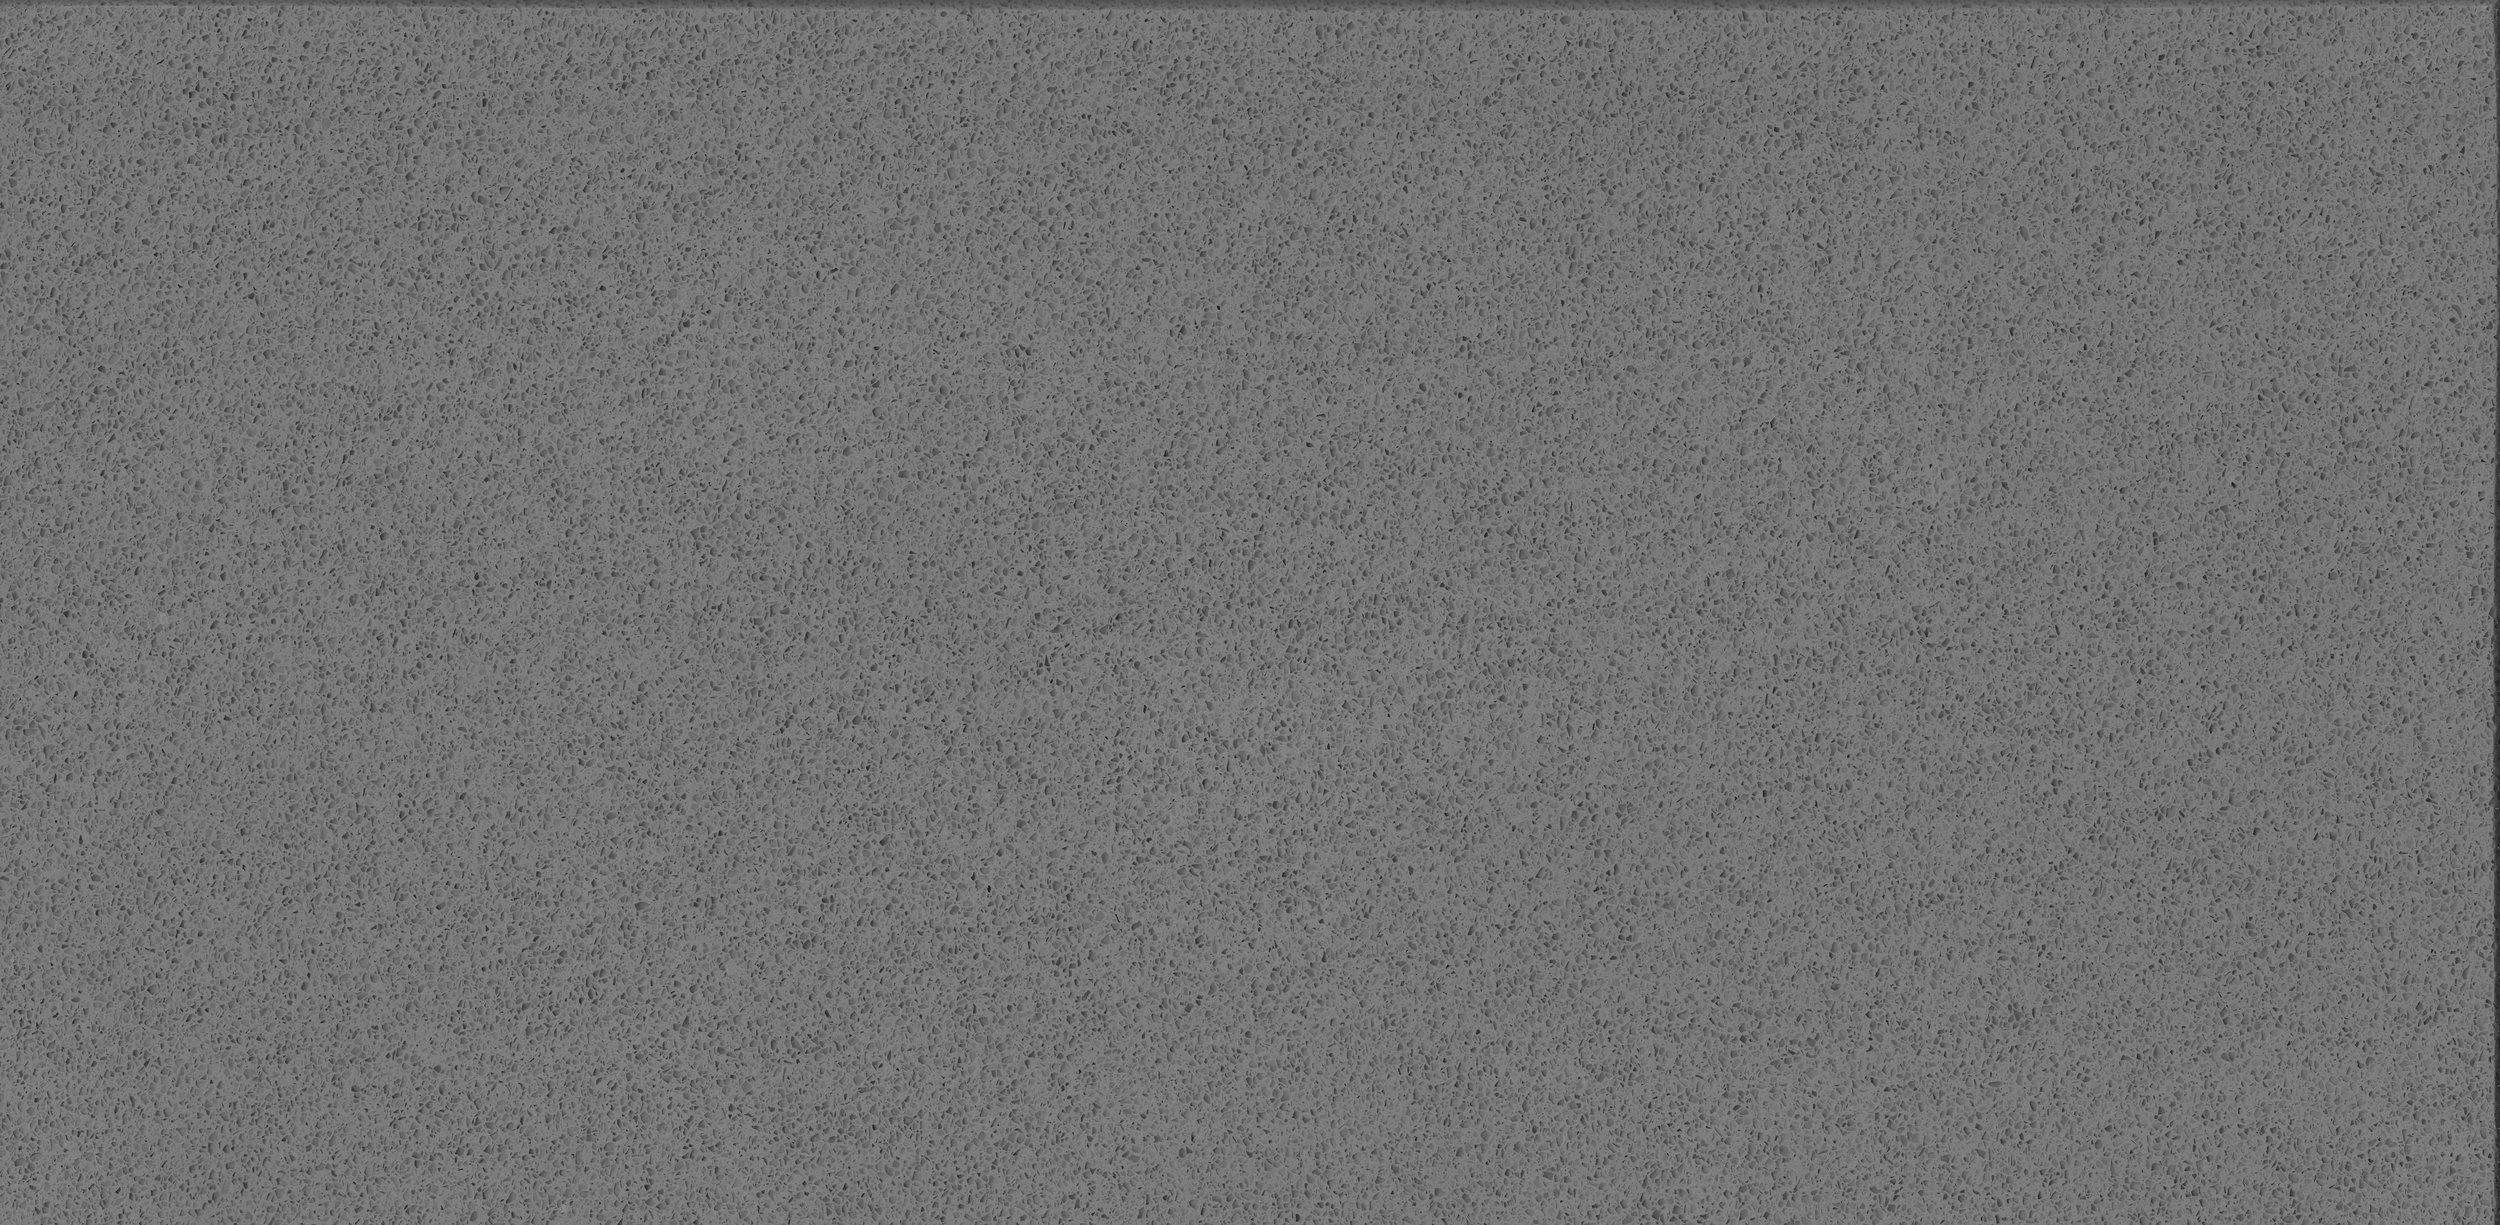 CQ700 Concrete Grey Close Up